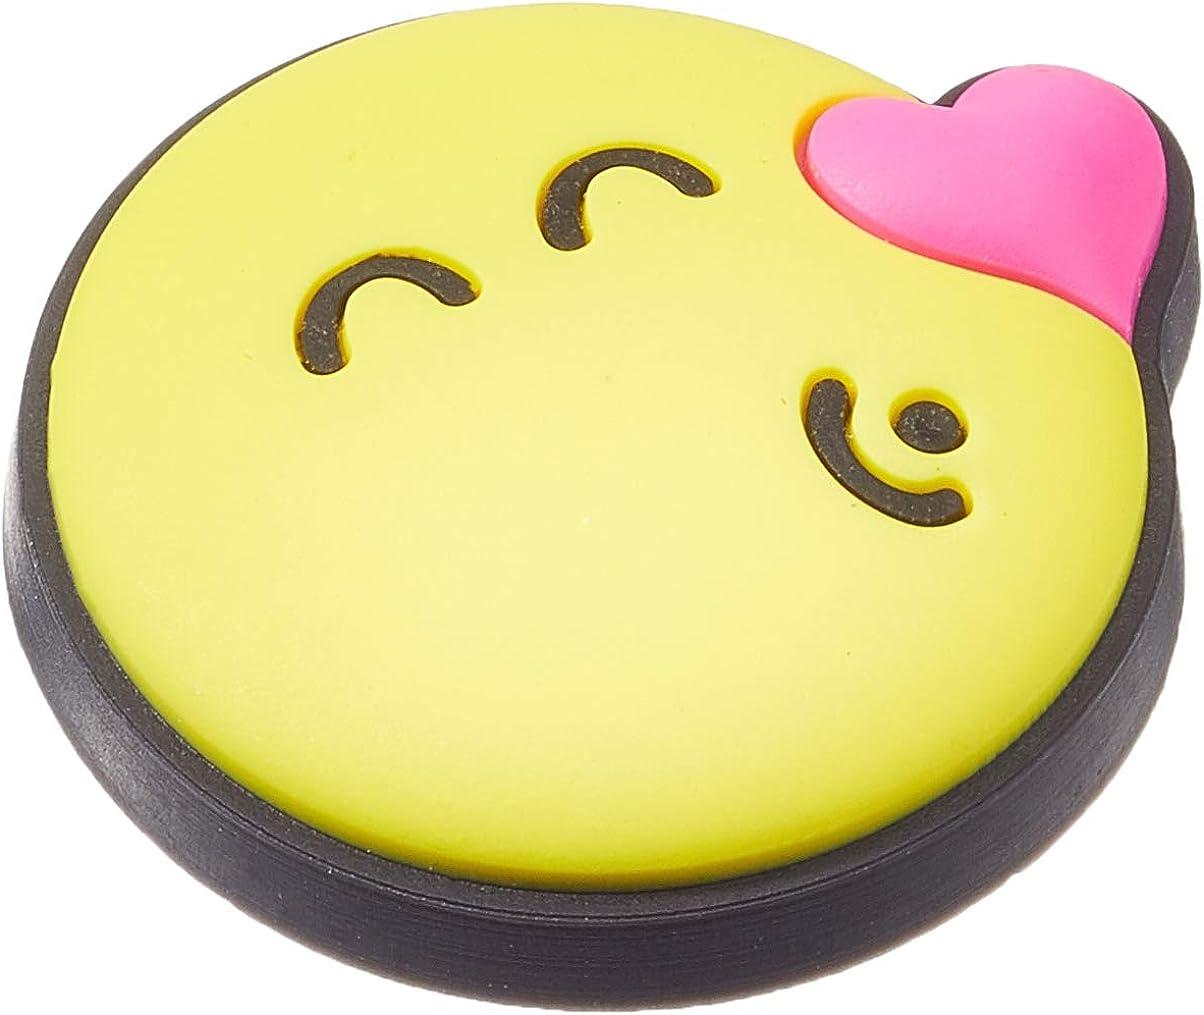 Multicolour Crocs Unisex Adults Jibbitz B/&W Shoe Decoration Charms Multicolour One Size